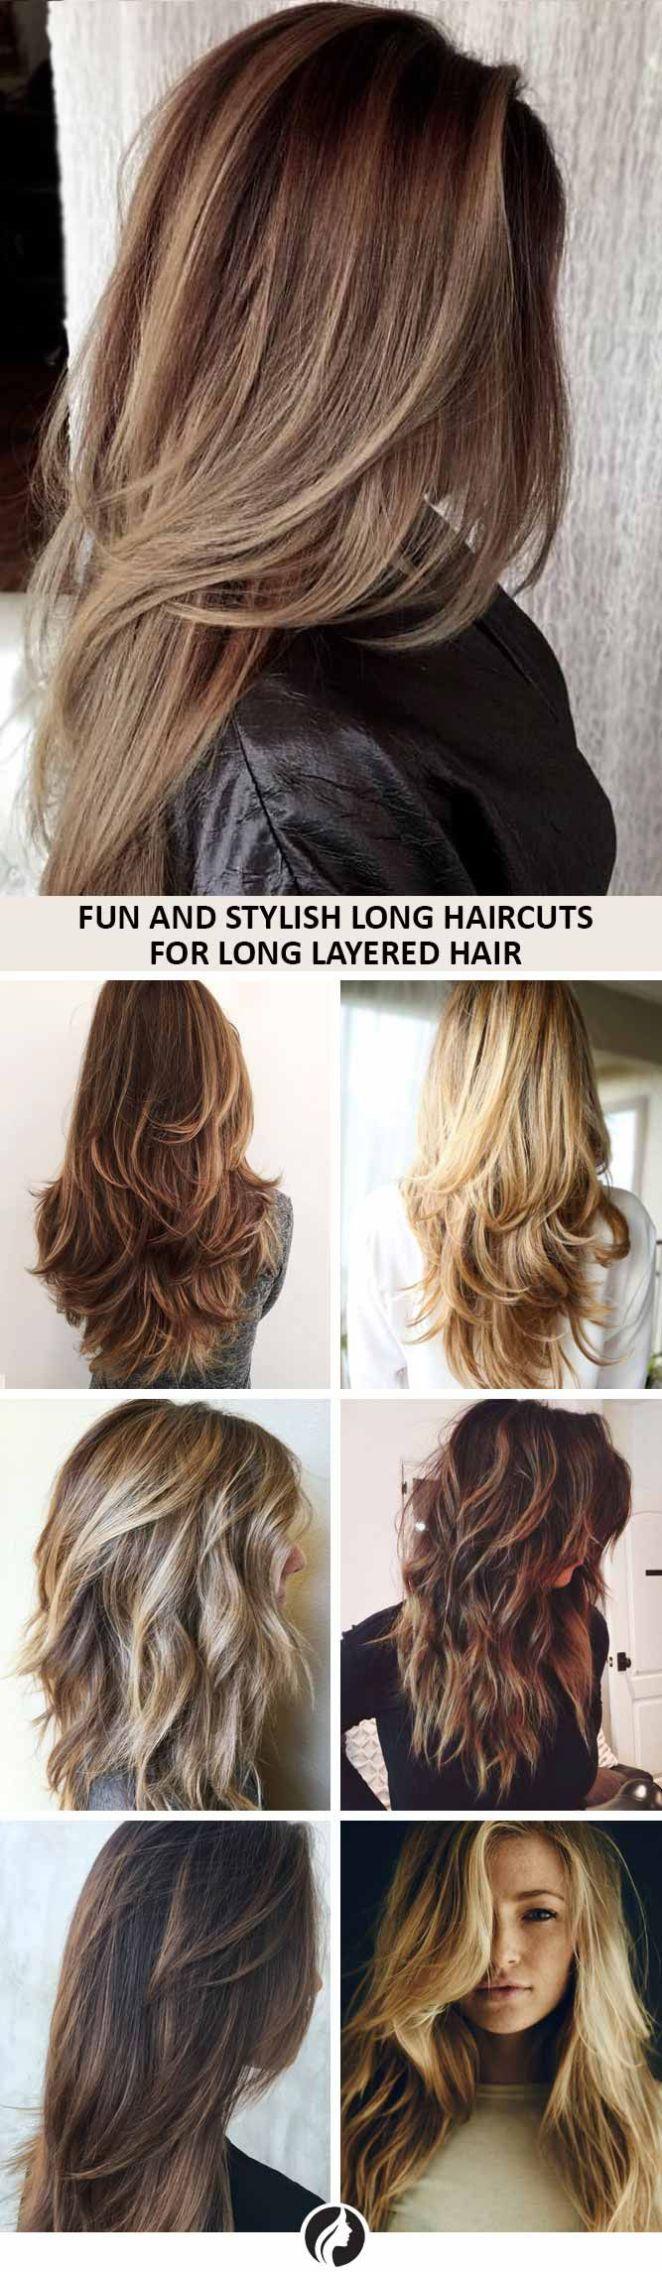 Coiffure Cheveux Long 2018 Couplesretirementpuzzle